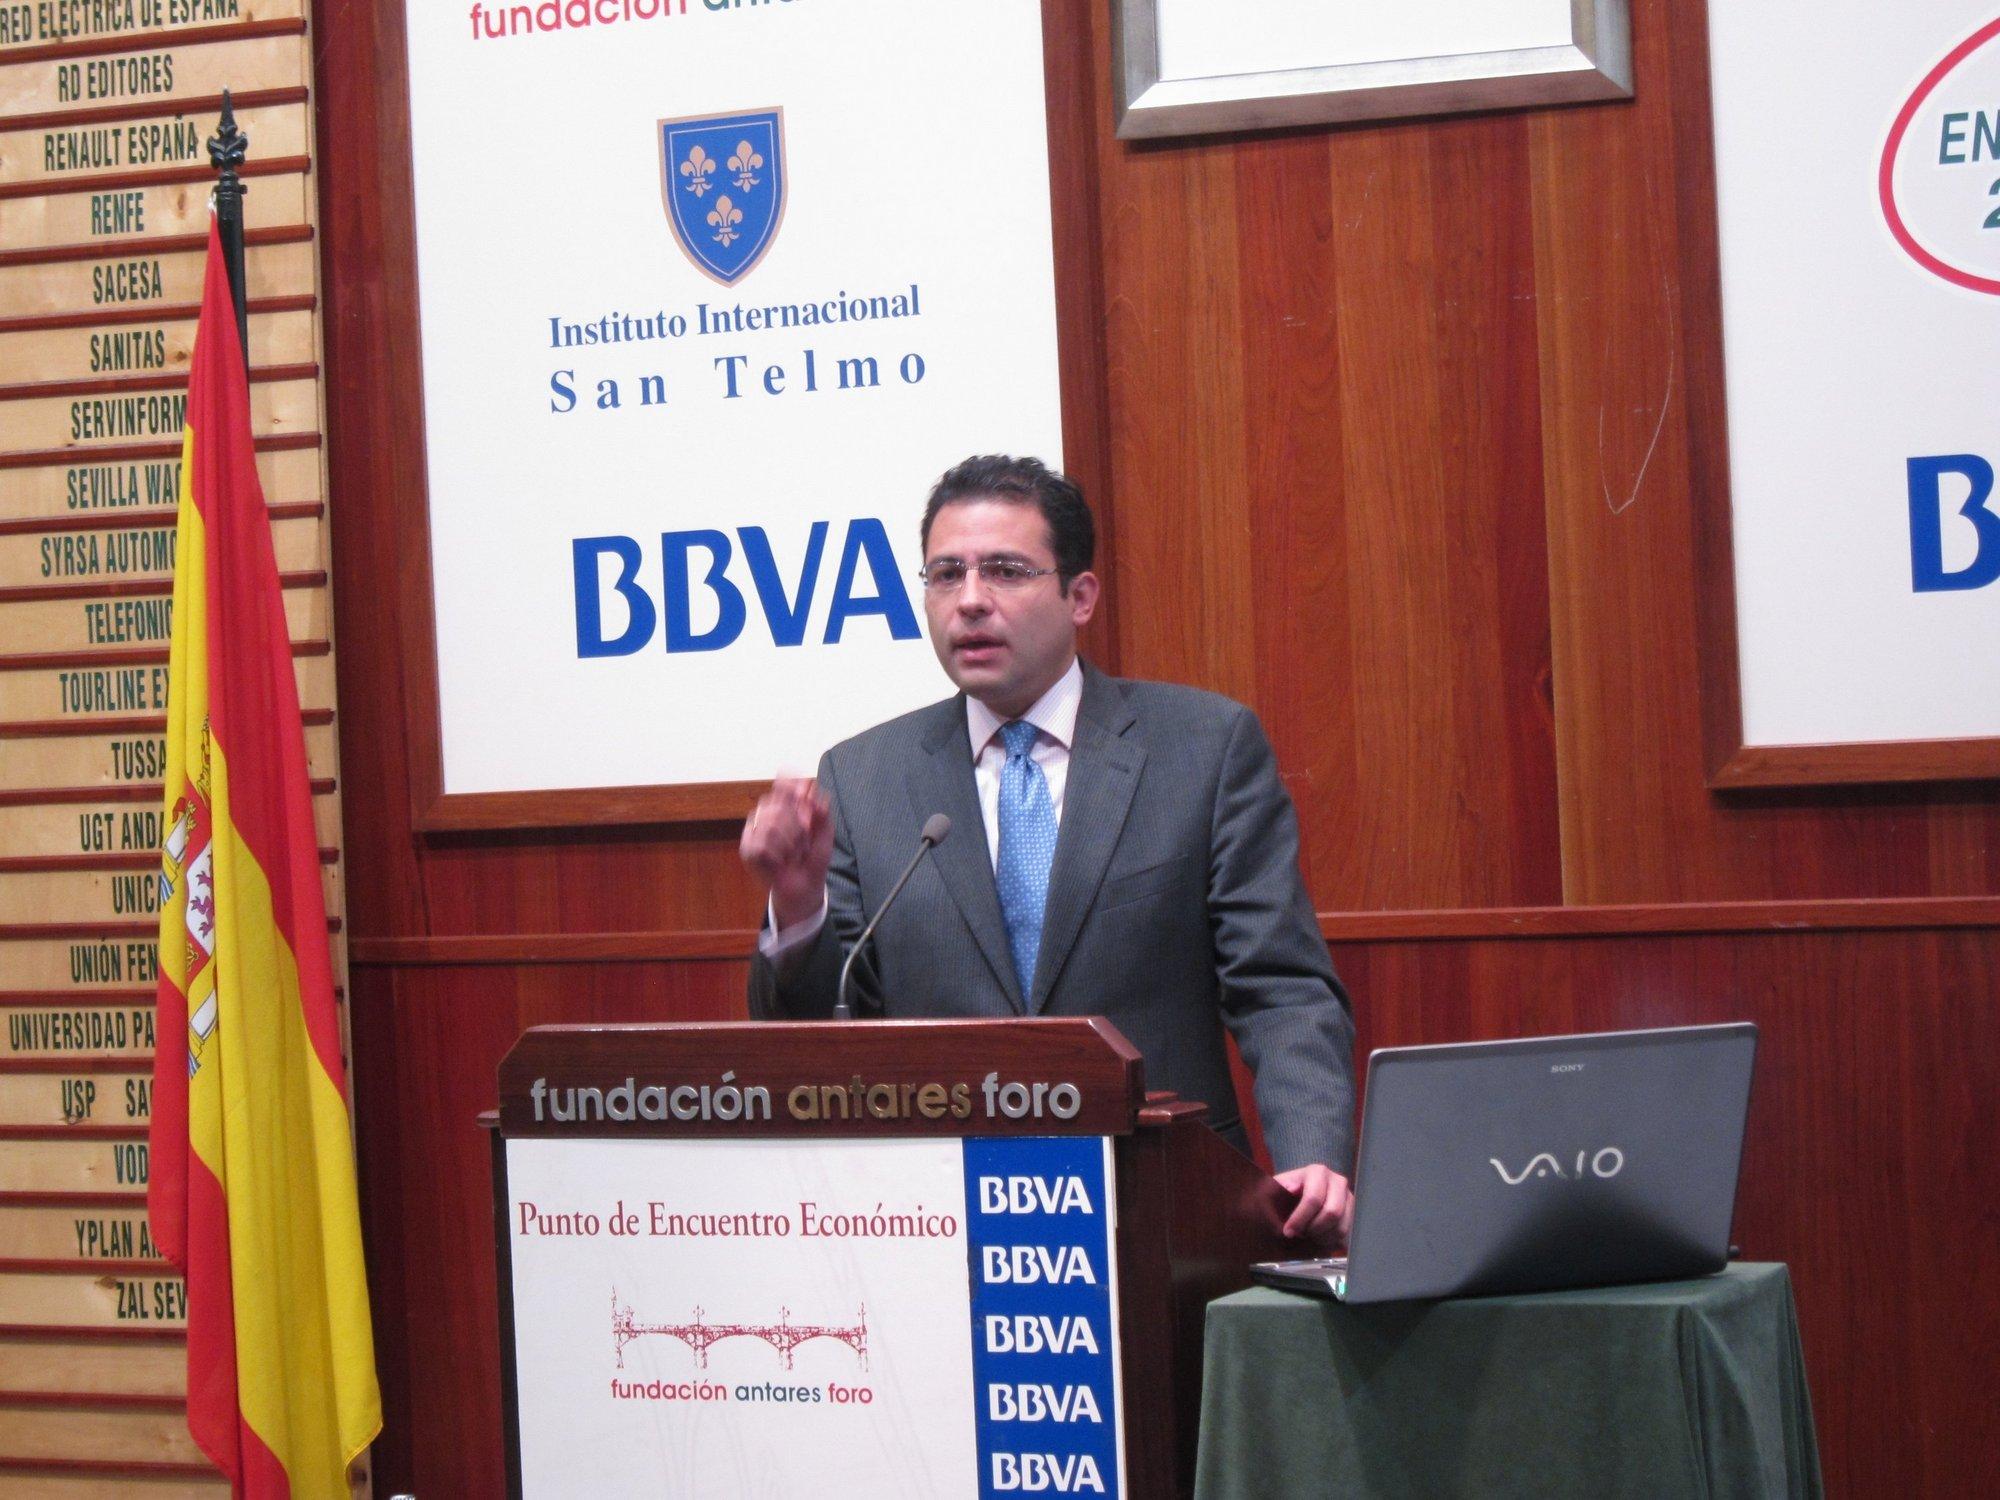 BBVA prevé una caída del 1,8% del PIB andaluz en 2012 mientras que para 2011 habría una subida del 0,1%